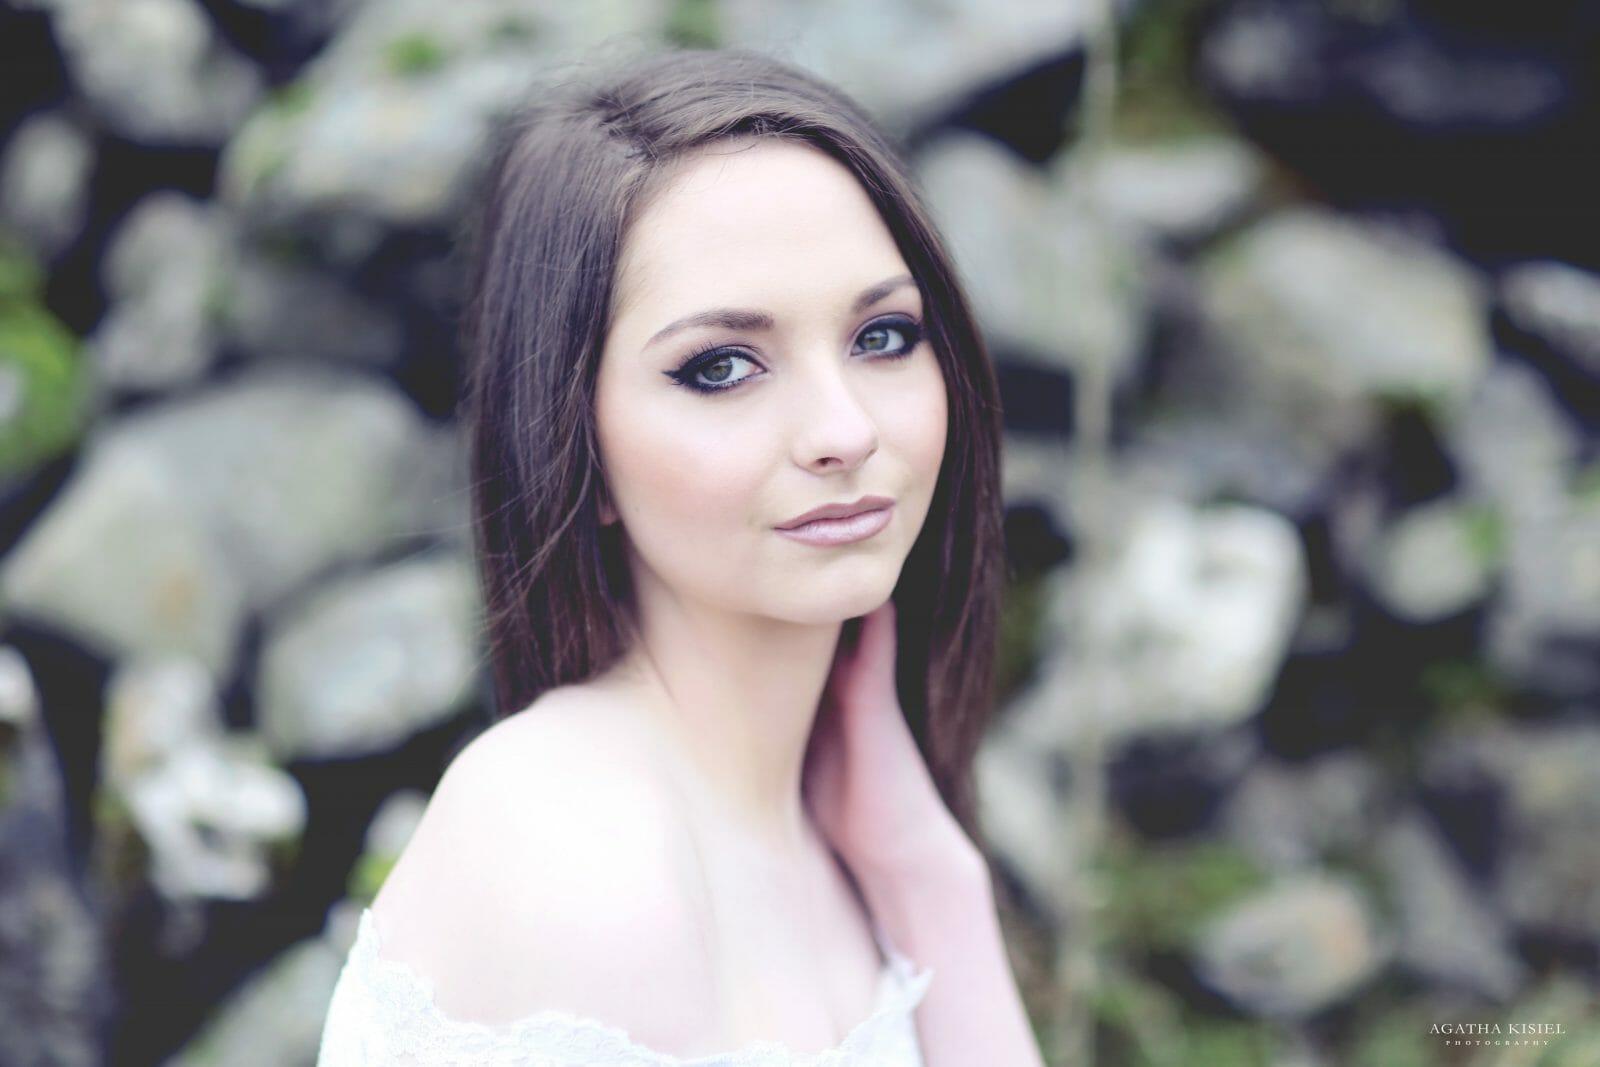 natural make-up for photo shoot